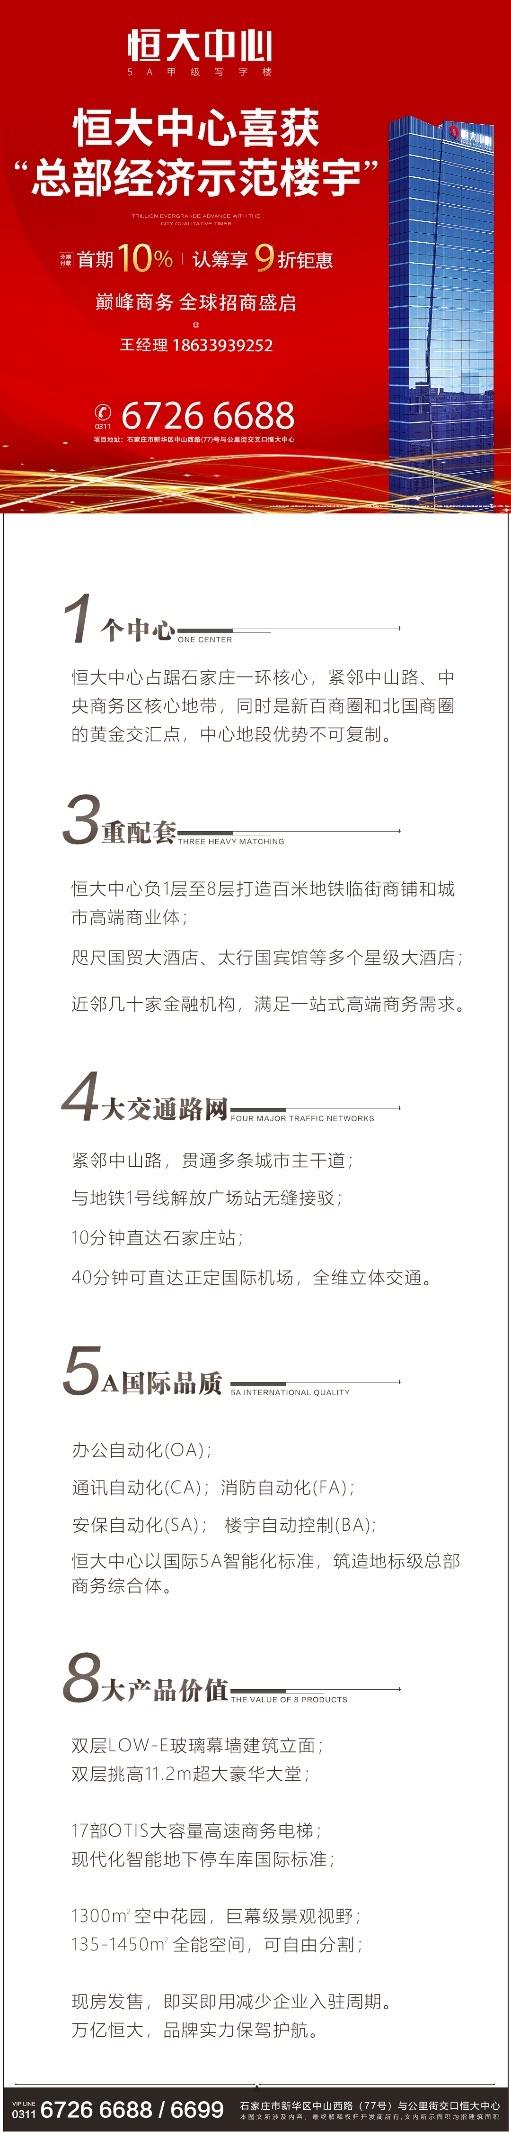 """石家庄恒大中心 """"总部经济示范楼宇""""授牌仪式盛大启幕"""